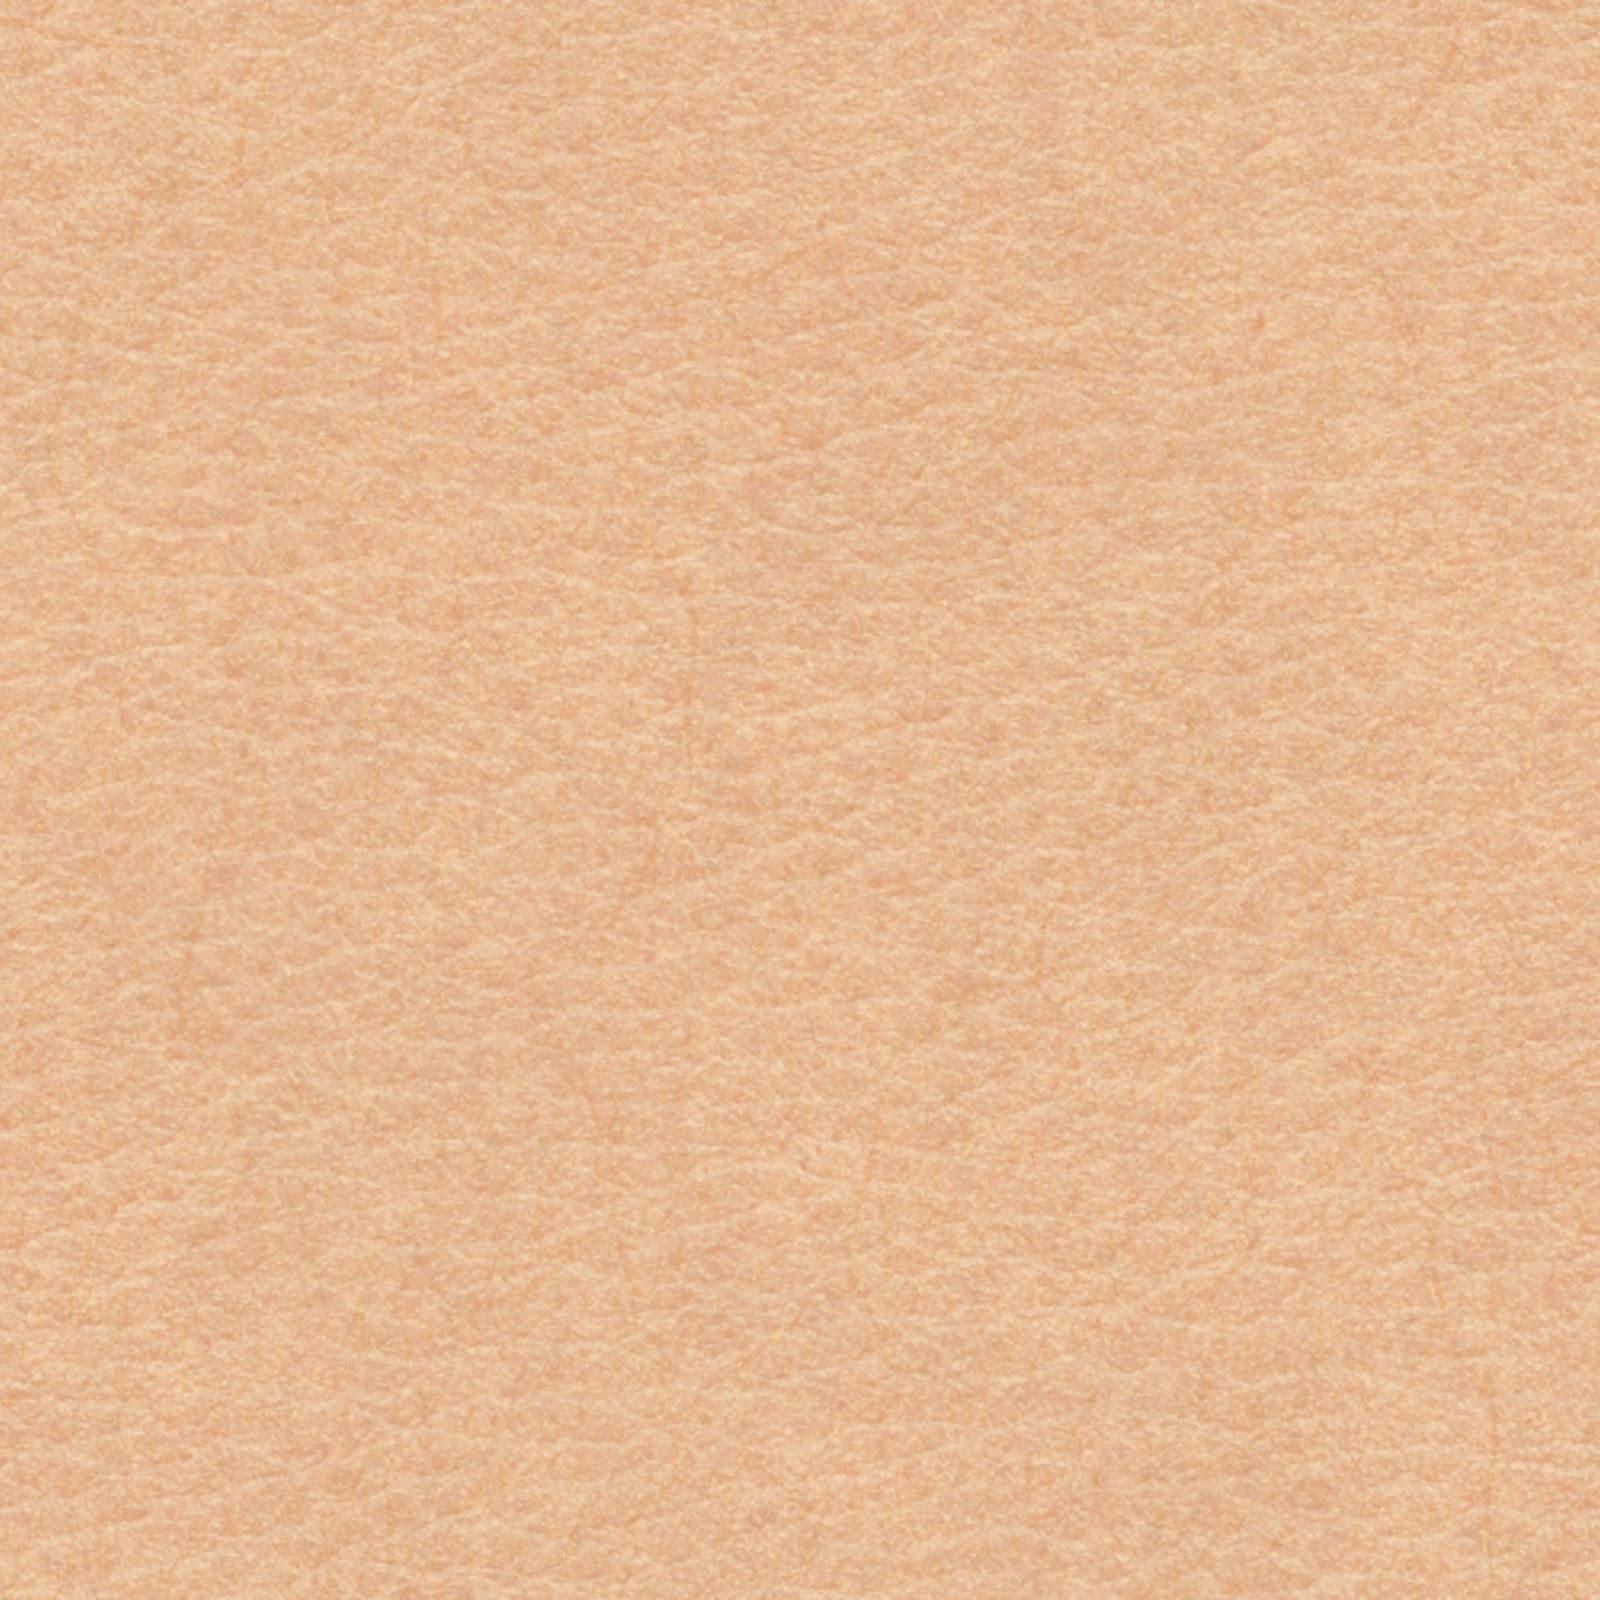 Manga 3d Wallpaper High Resolution Seamless Textures Skin